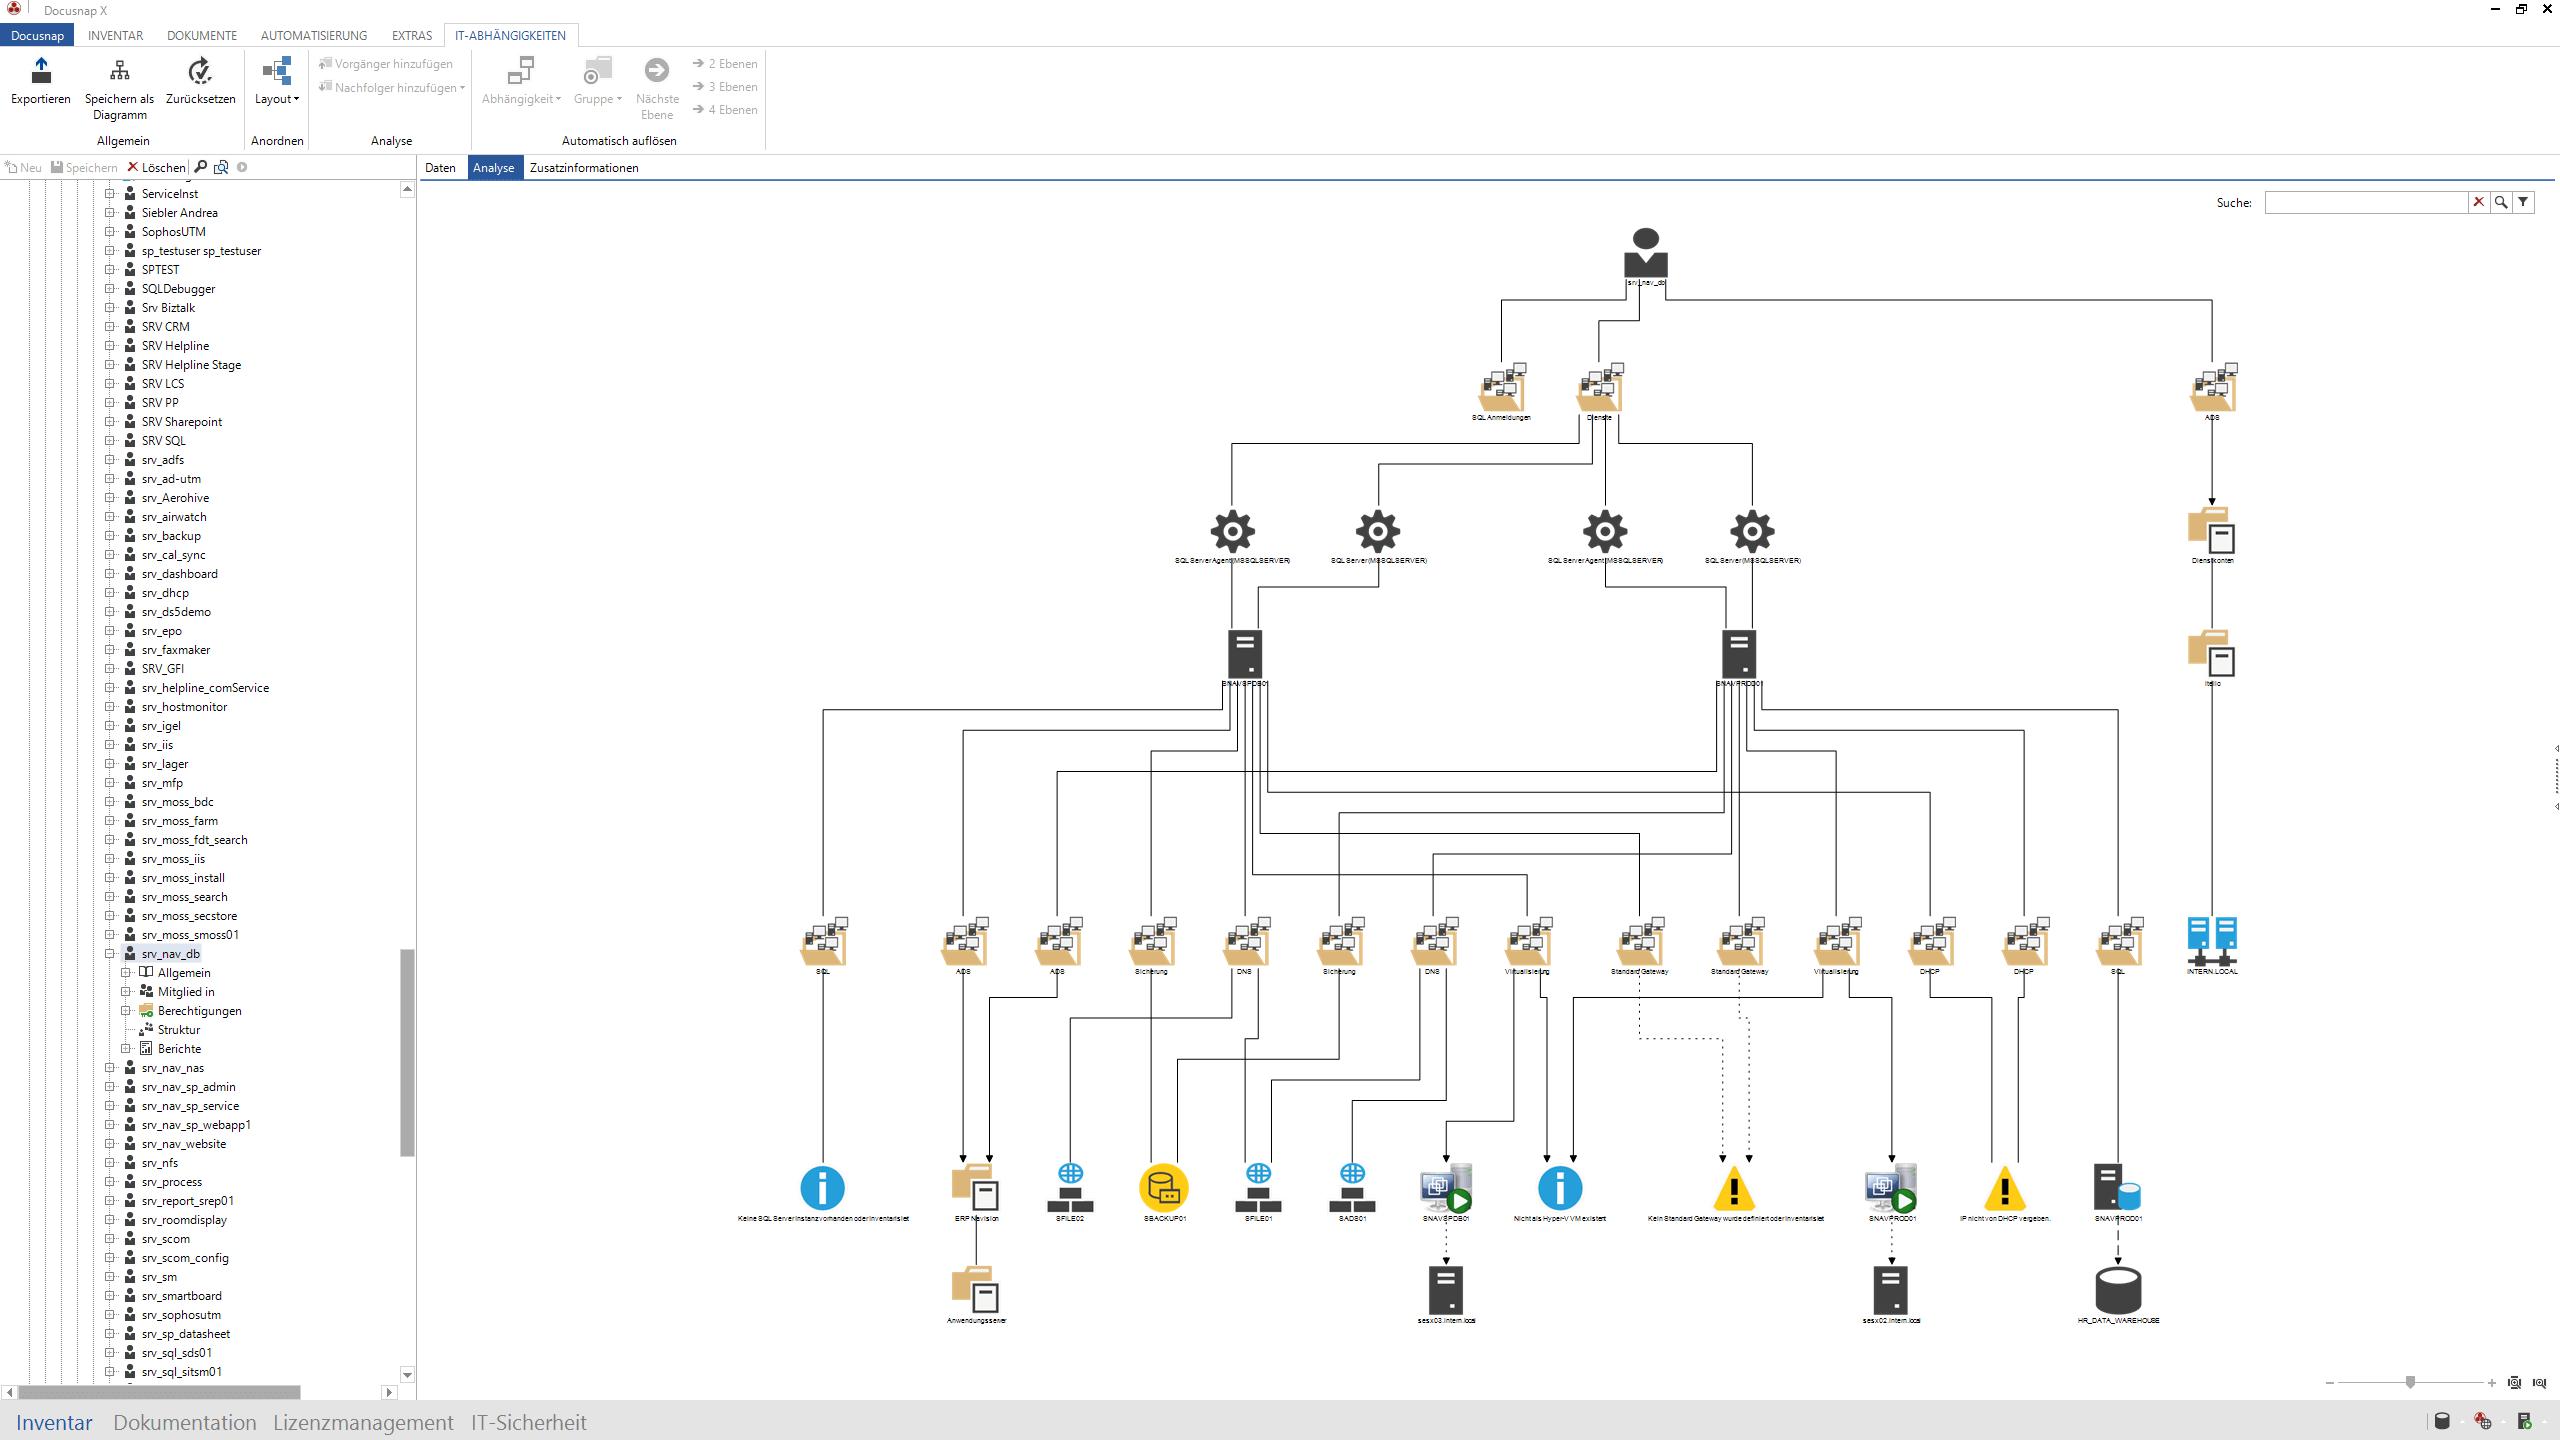 Screenshot: Regelbasierte IT-Abhängigkeiten